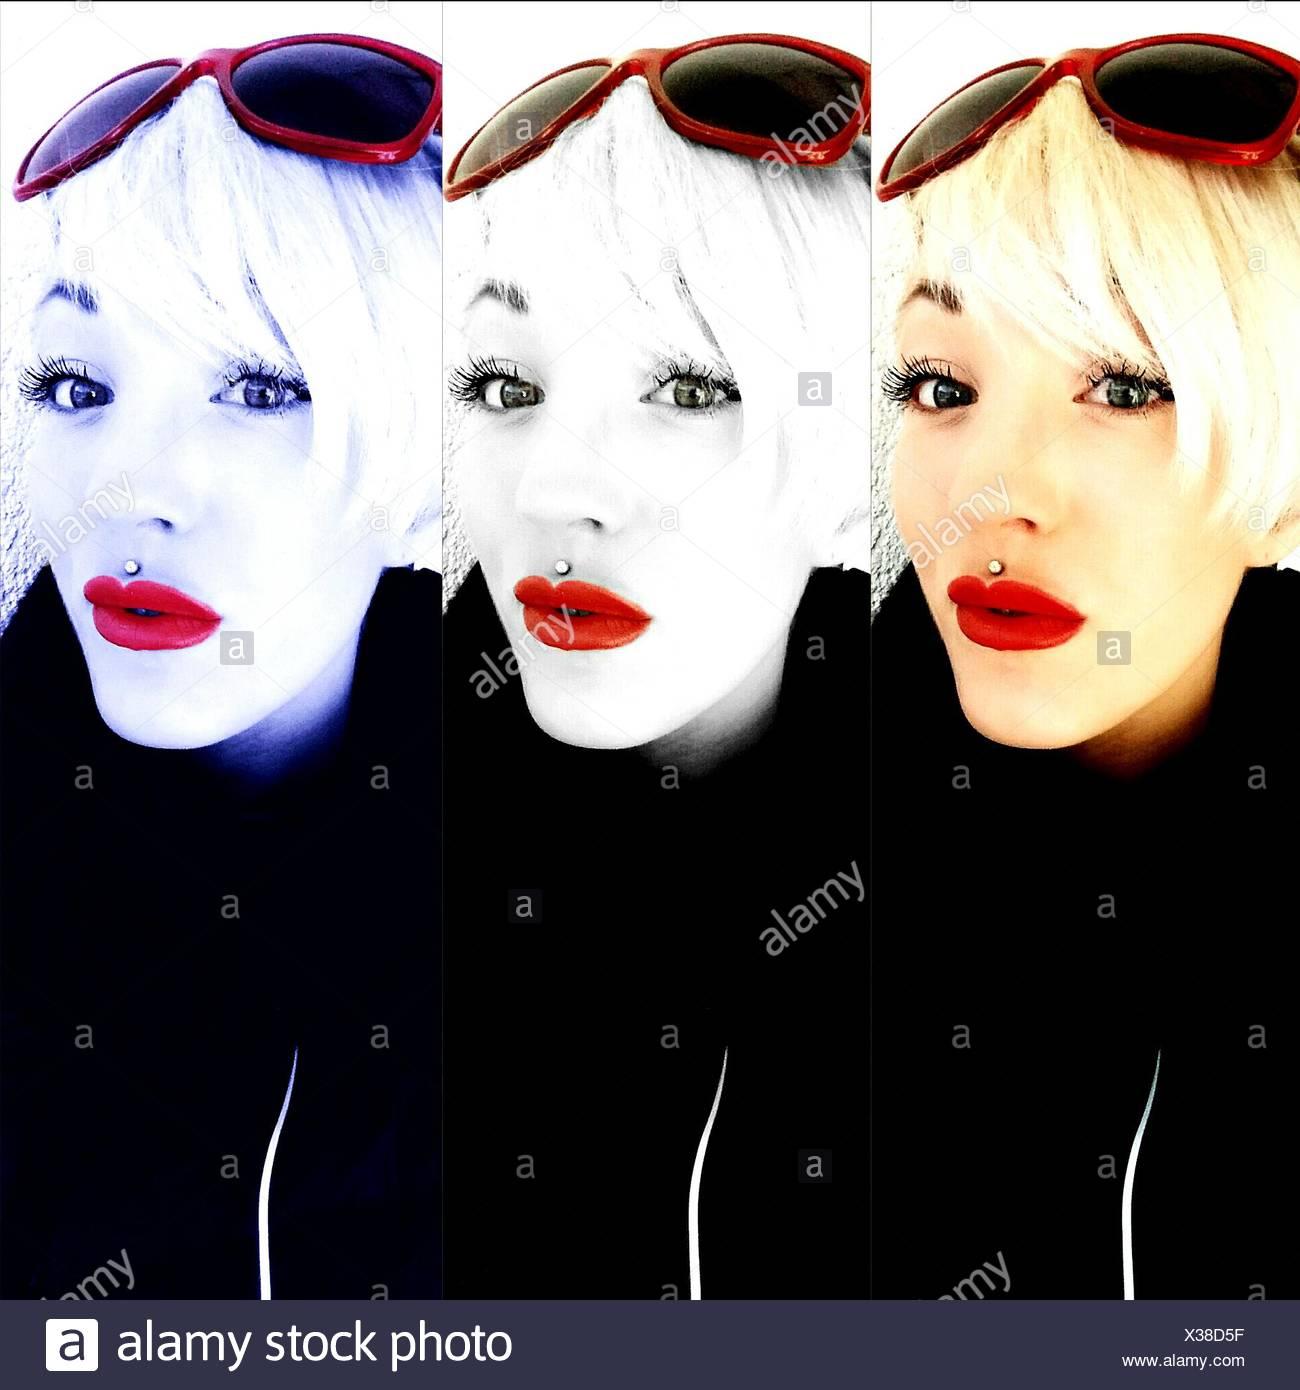 Mehrere Bild der schönen Frau mit rotem Lippenstift vor weißem Hintergrund Stockfoto